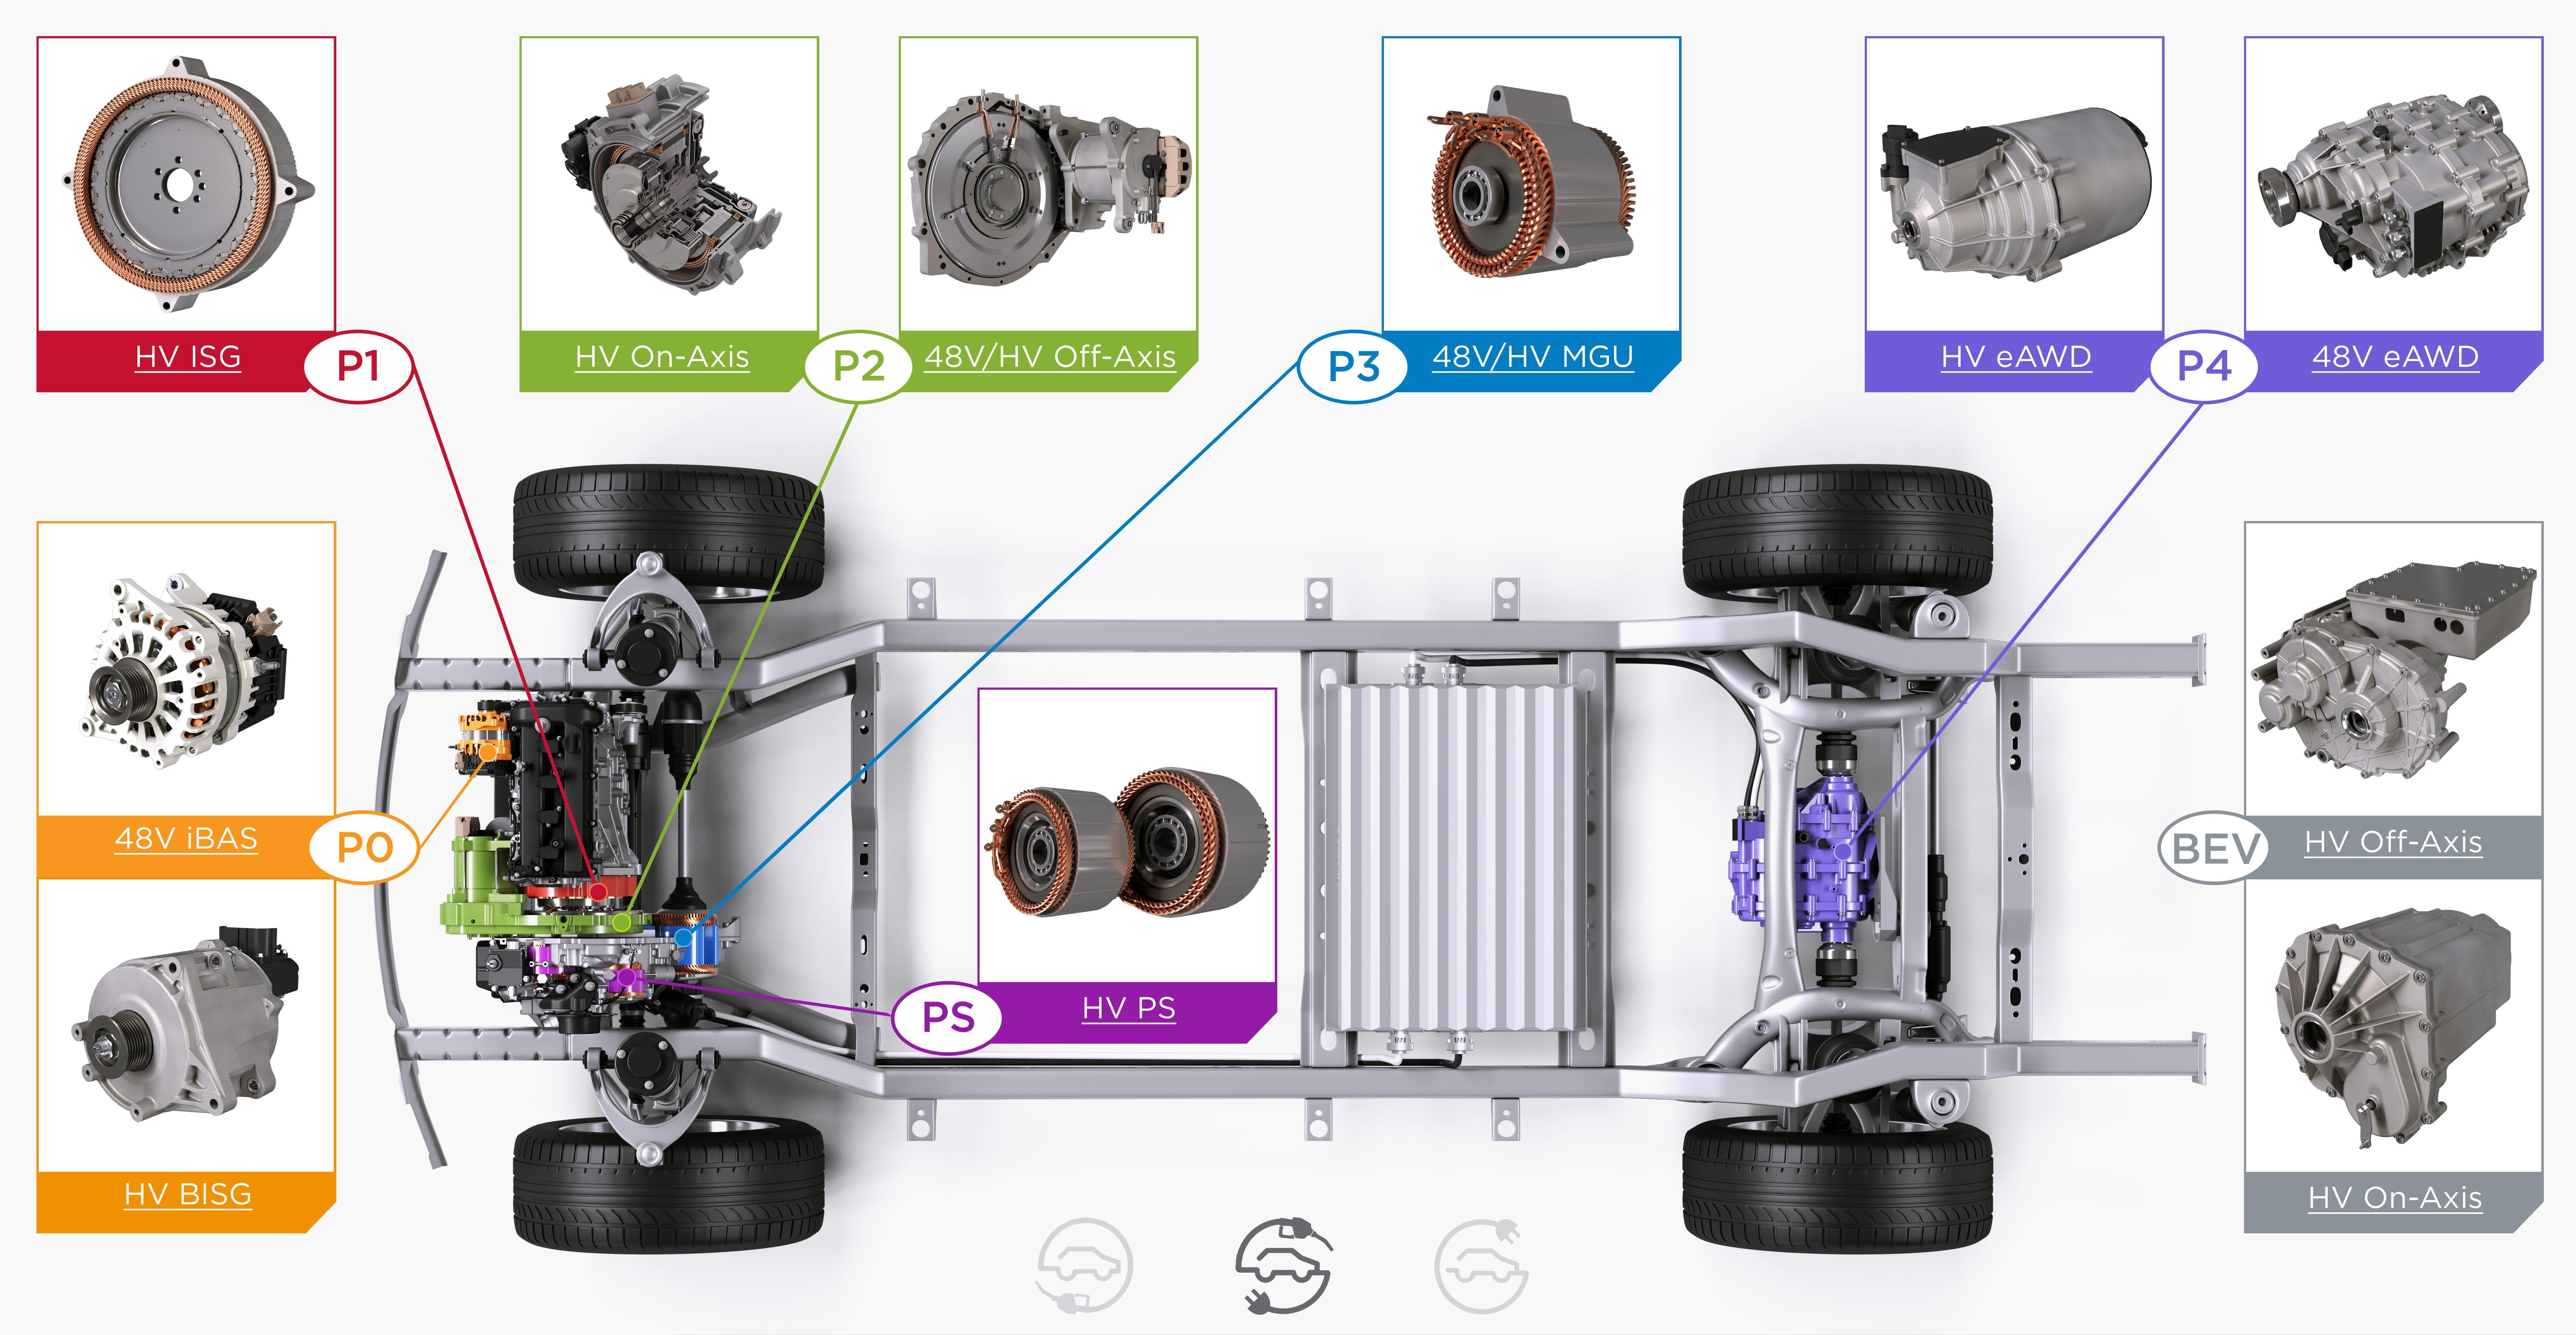 混动五讲之四:从P0到P4——电机的位置与组合